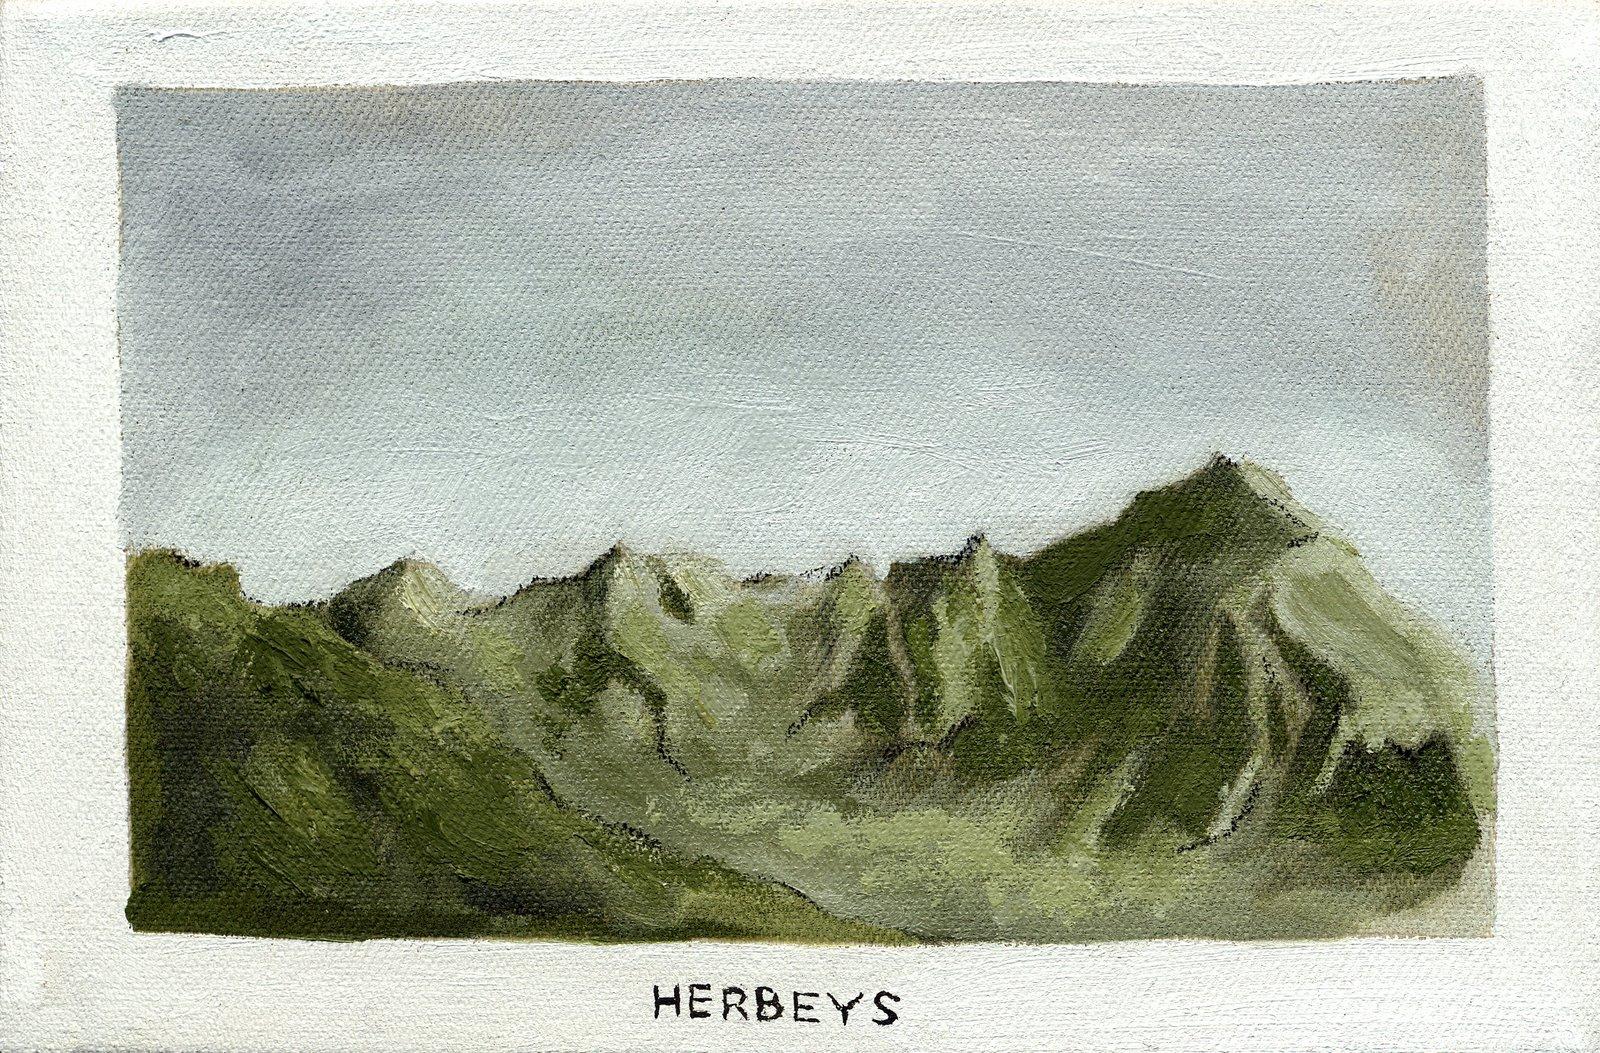 [herbeys.jpg]